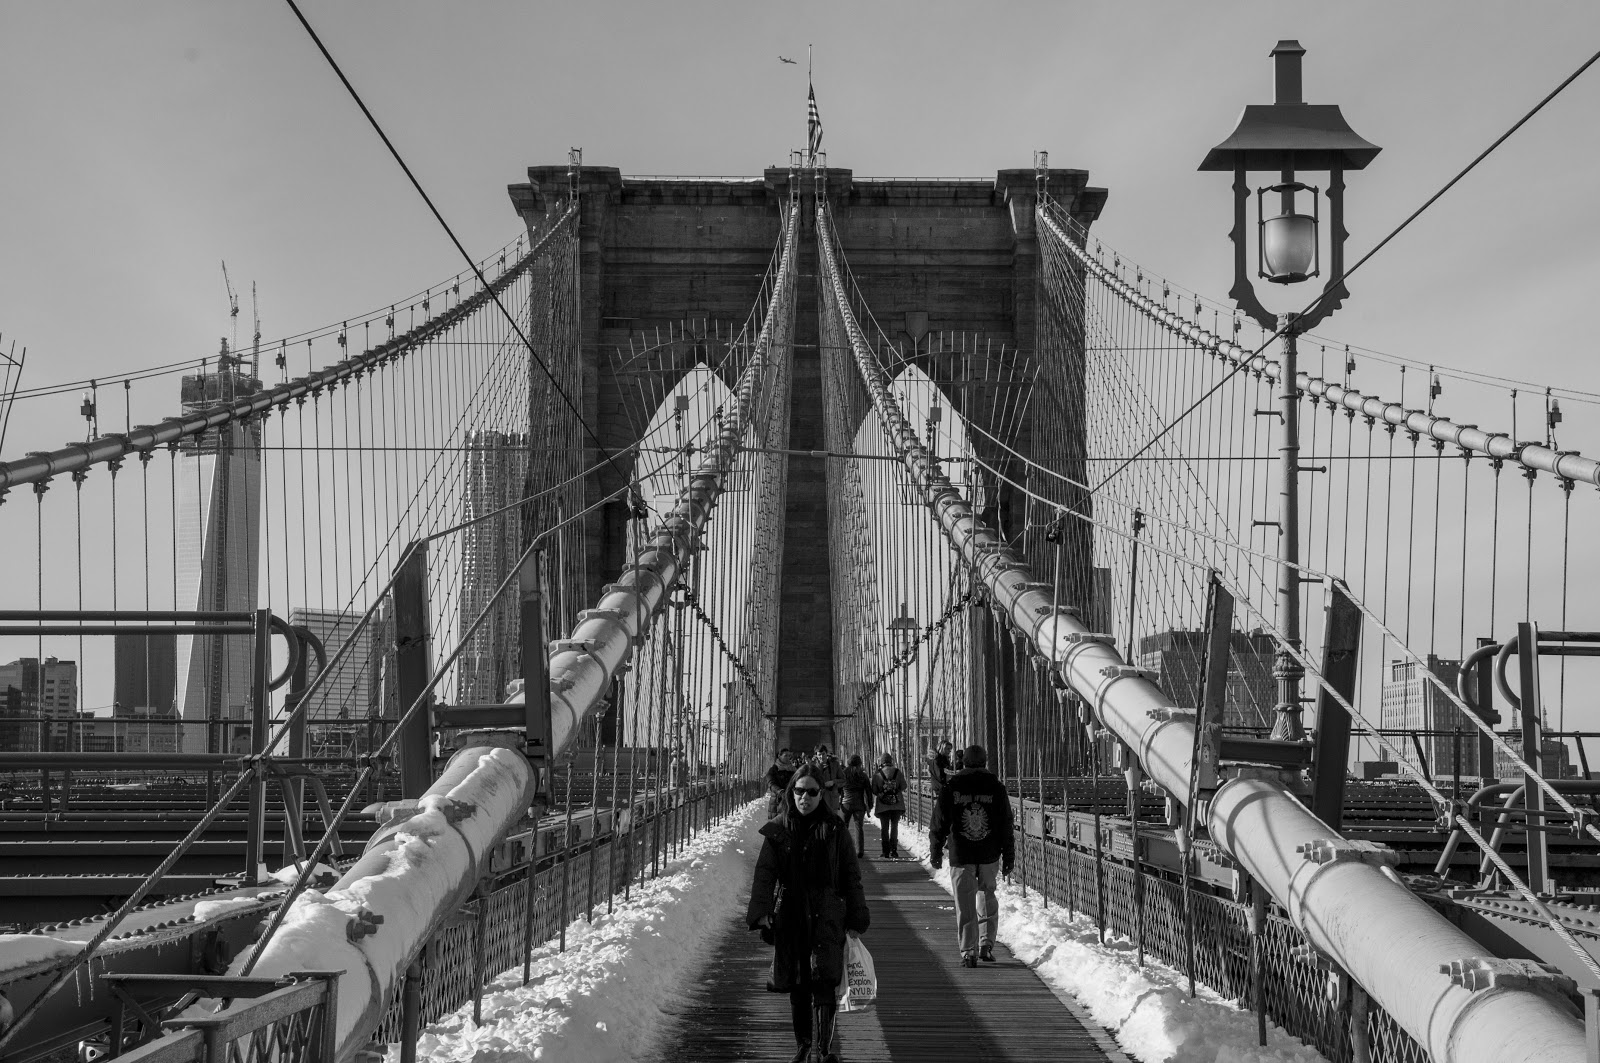 LIGERAMENTE DESENFOCADOS: Brooklyn Bridge by Carlos